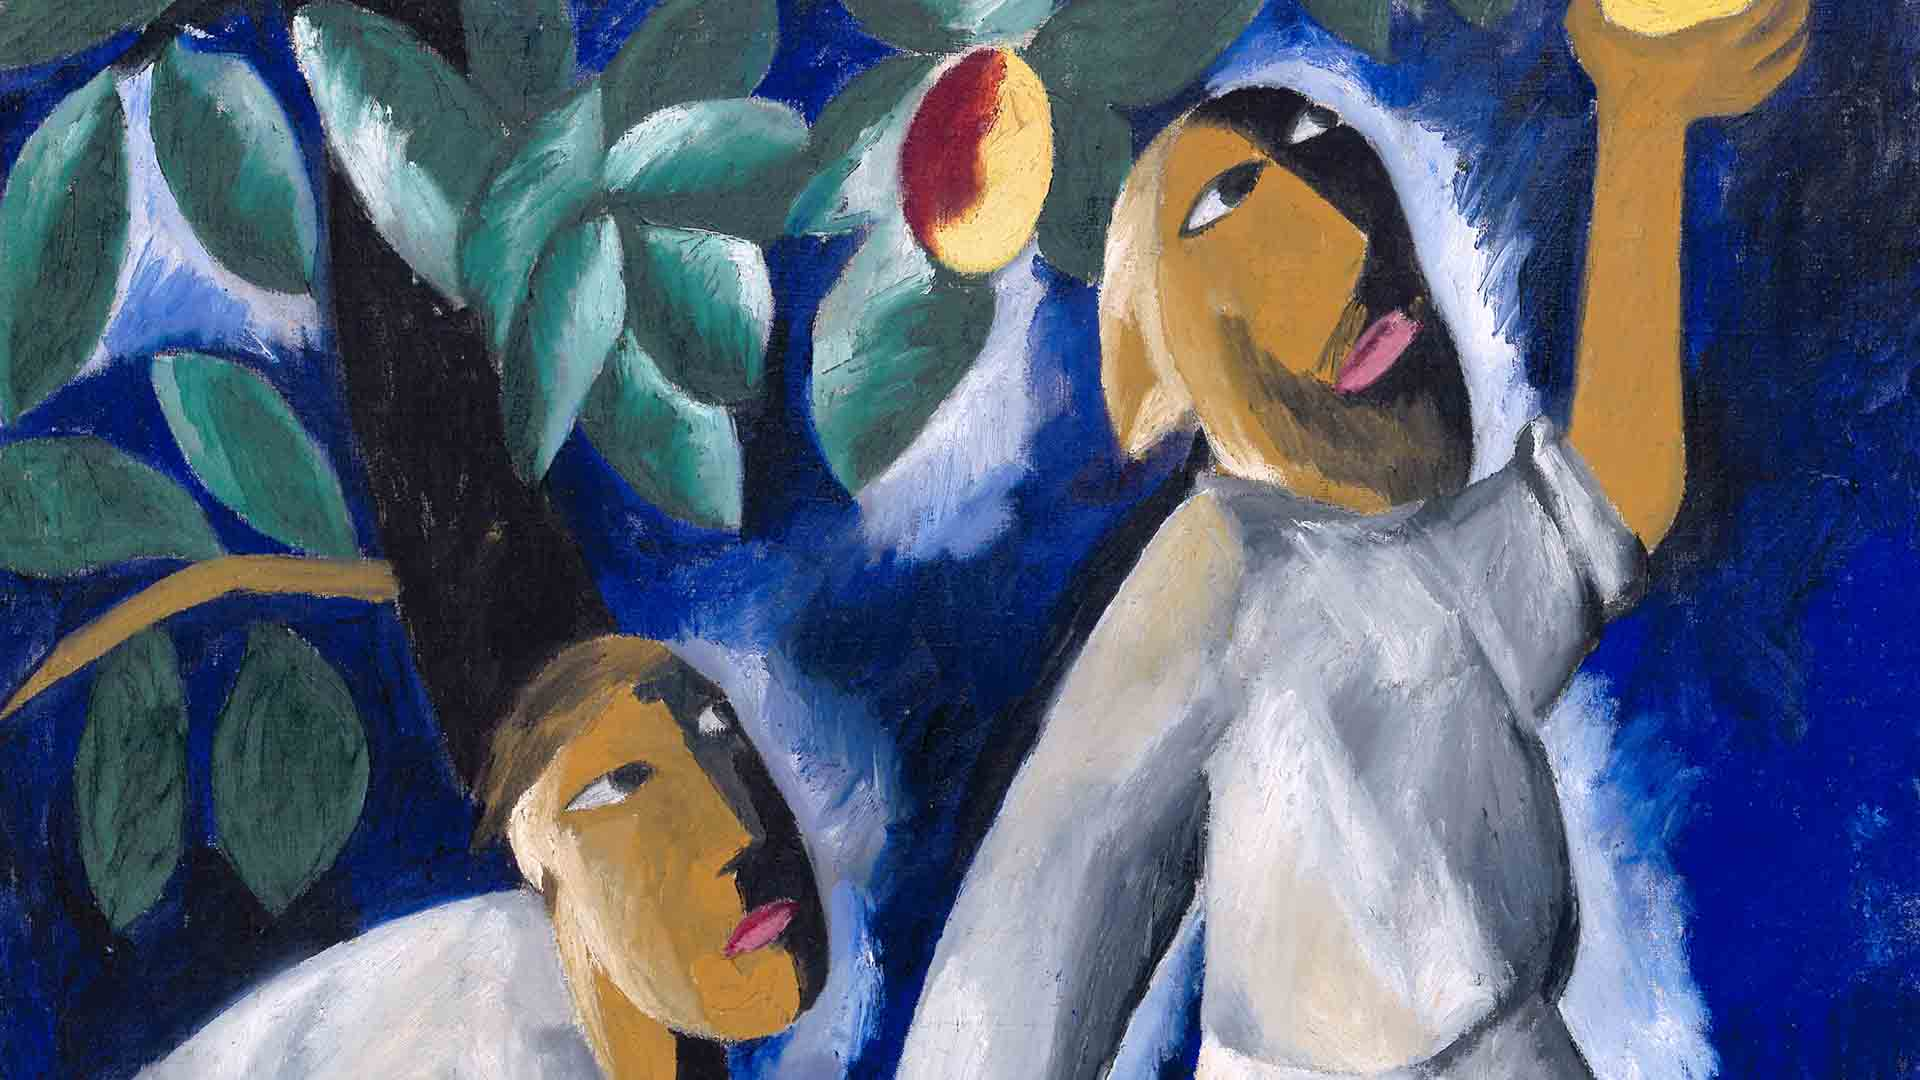 Contadini che raccolgono le mele è uno dei famosi quadri di Natalia Goncharova